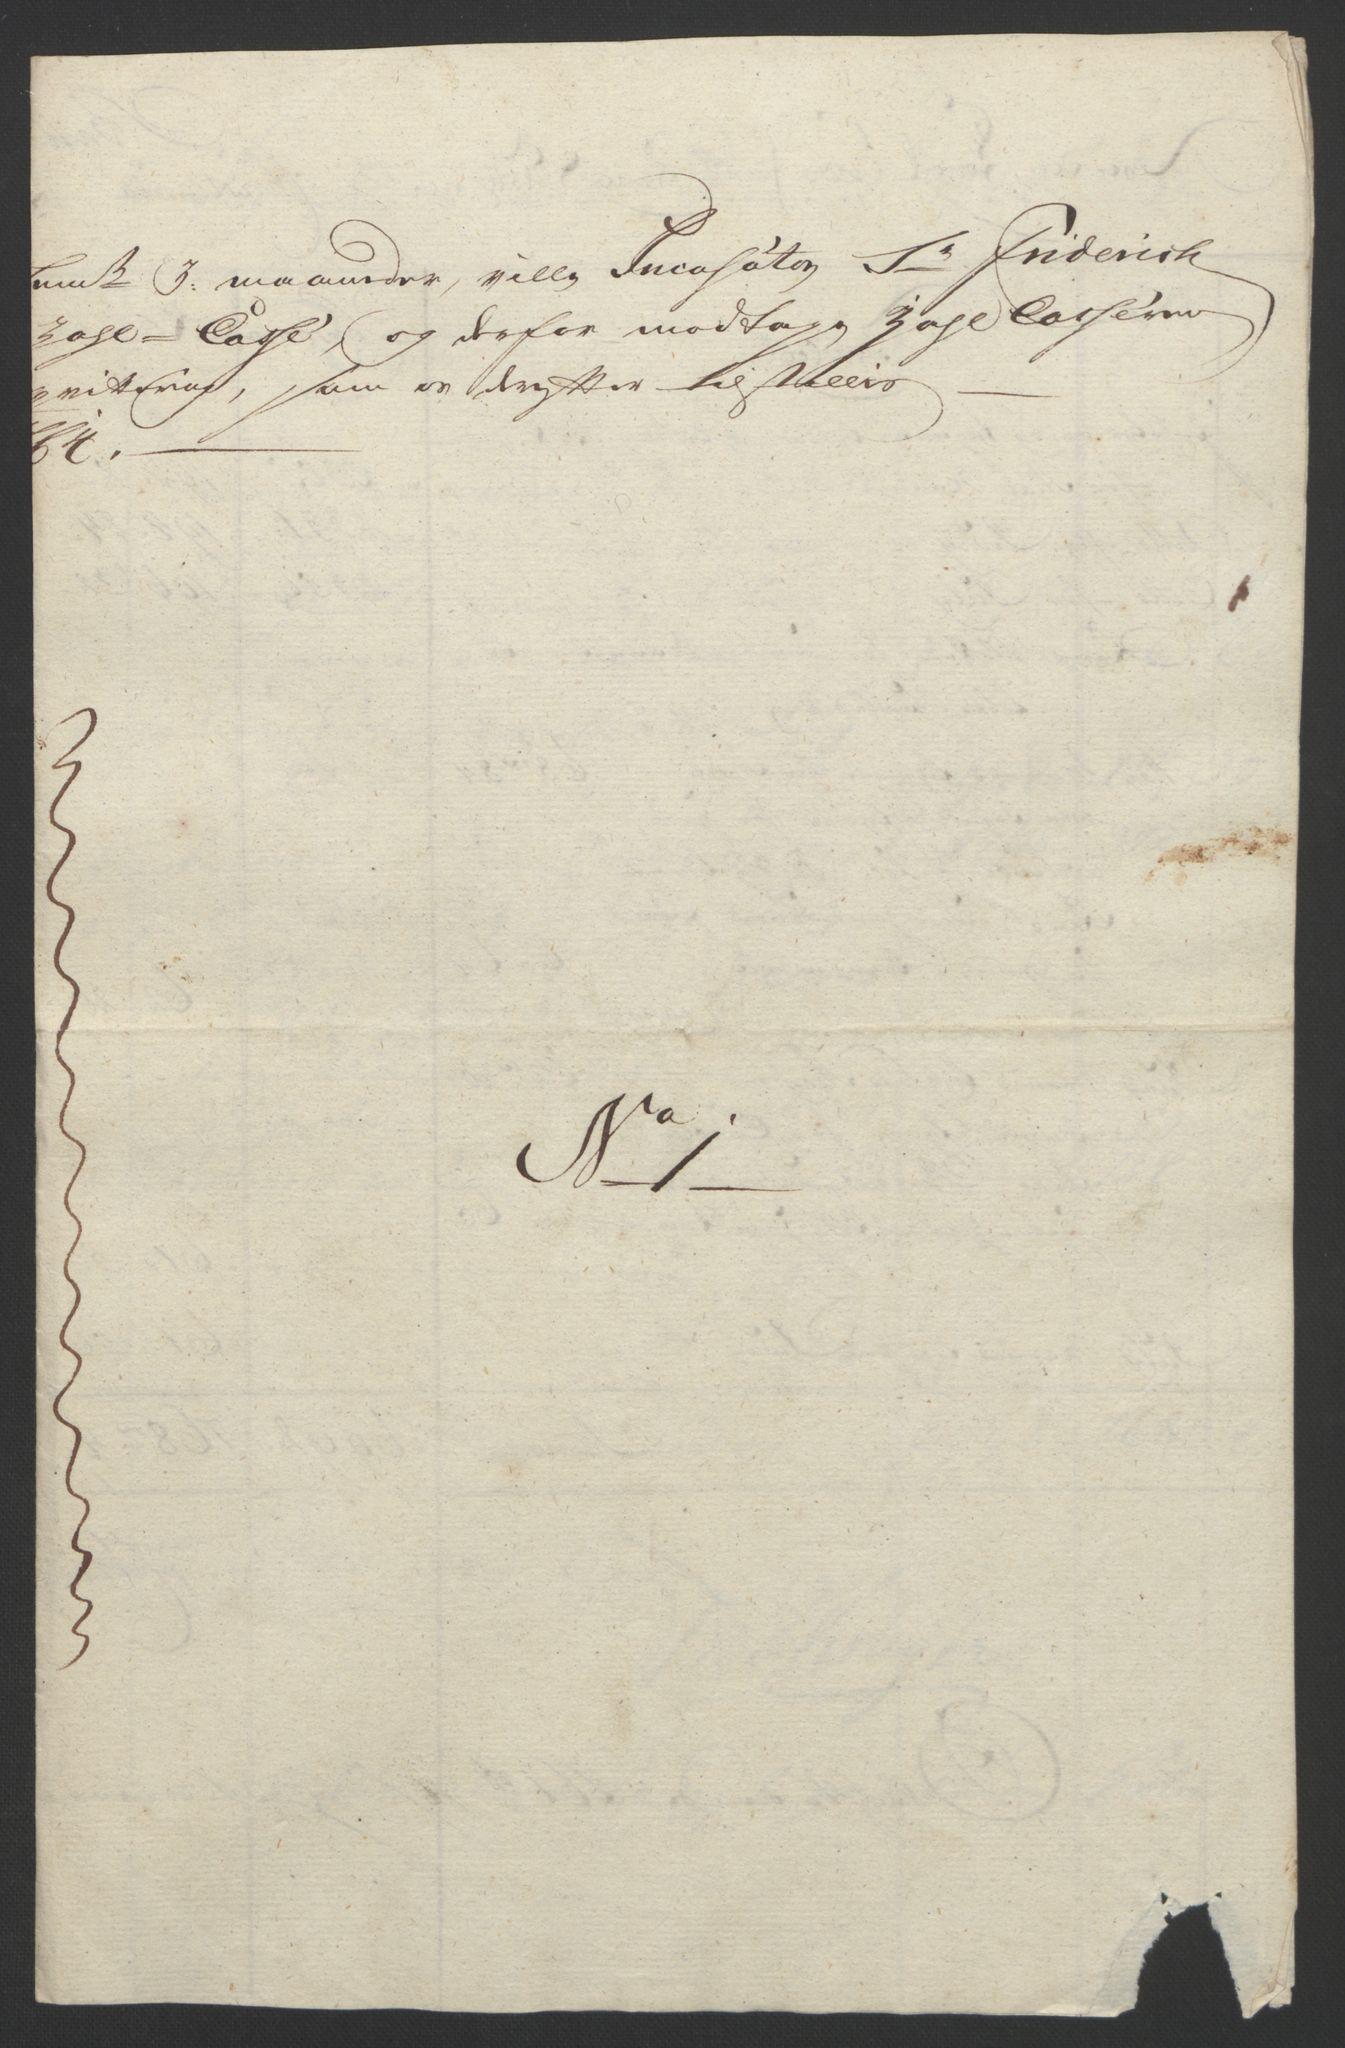 RA, Rentekammeret inntil 1814, Reviderte regnskaper, Byregnskaper, R/Re/L0072: [E13] Kontribusjonsregnskap, 1763-1764, s. 446